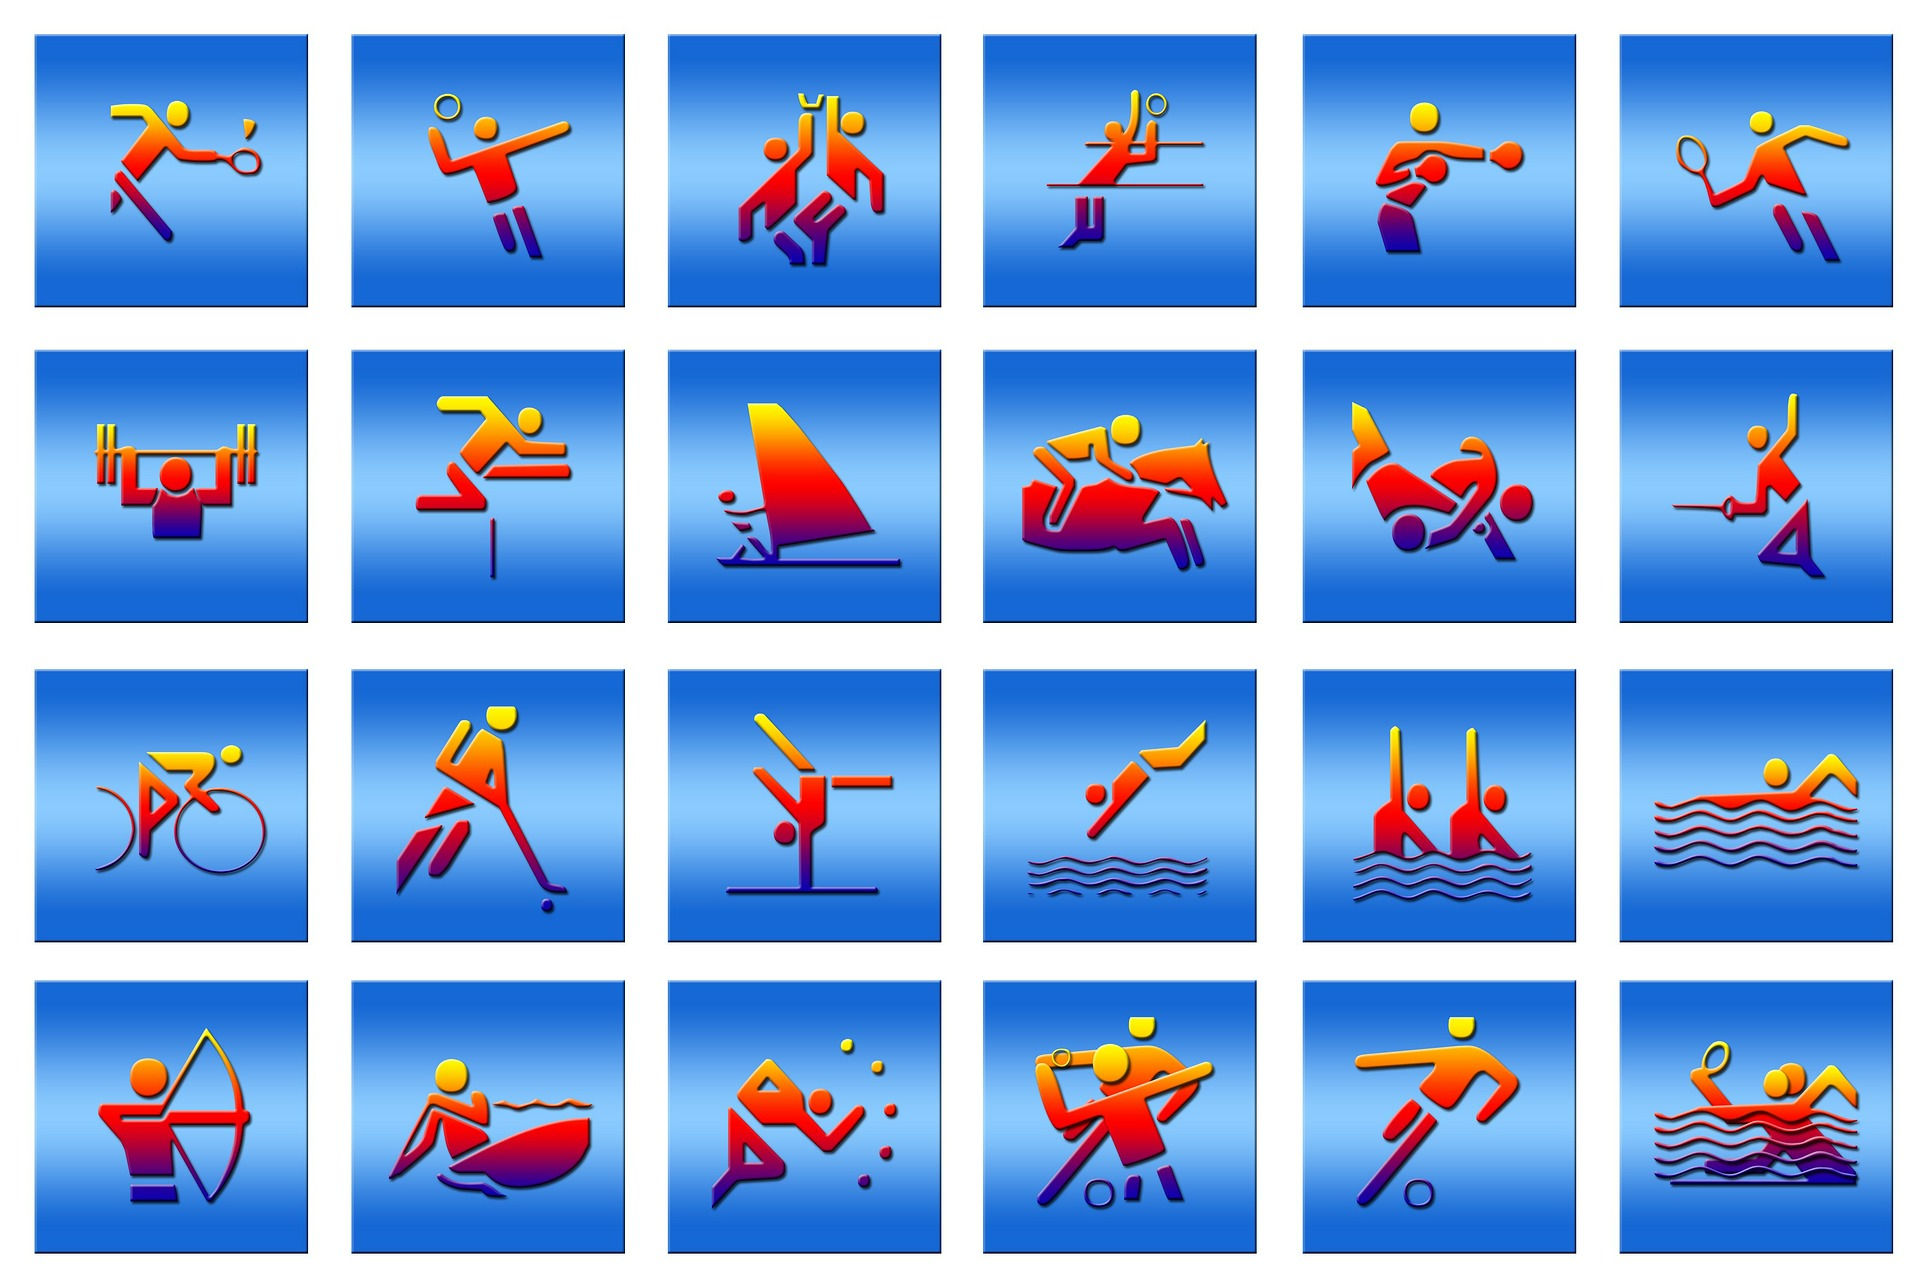 オリンピック画像